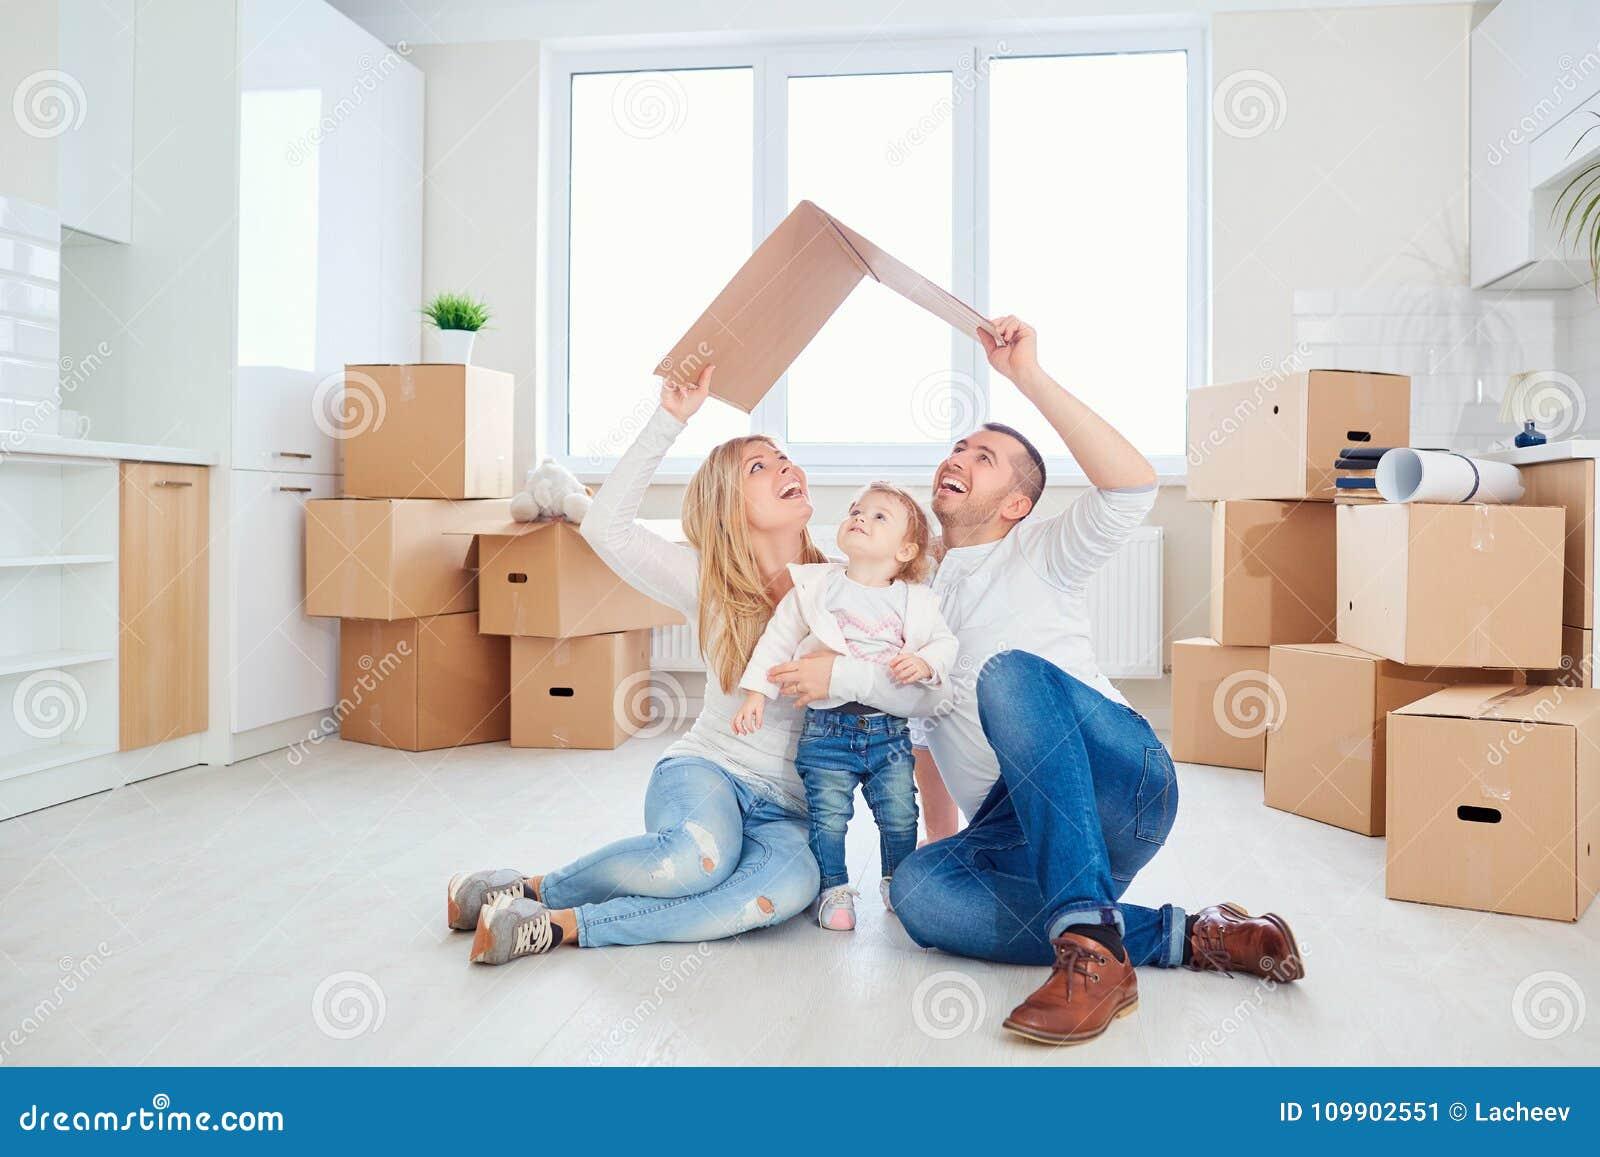 Een gelukkige familiebewegingen aan een nieuwe flat